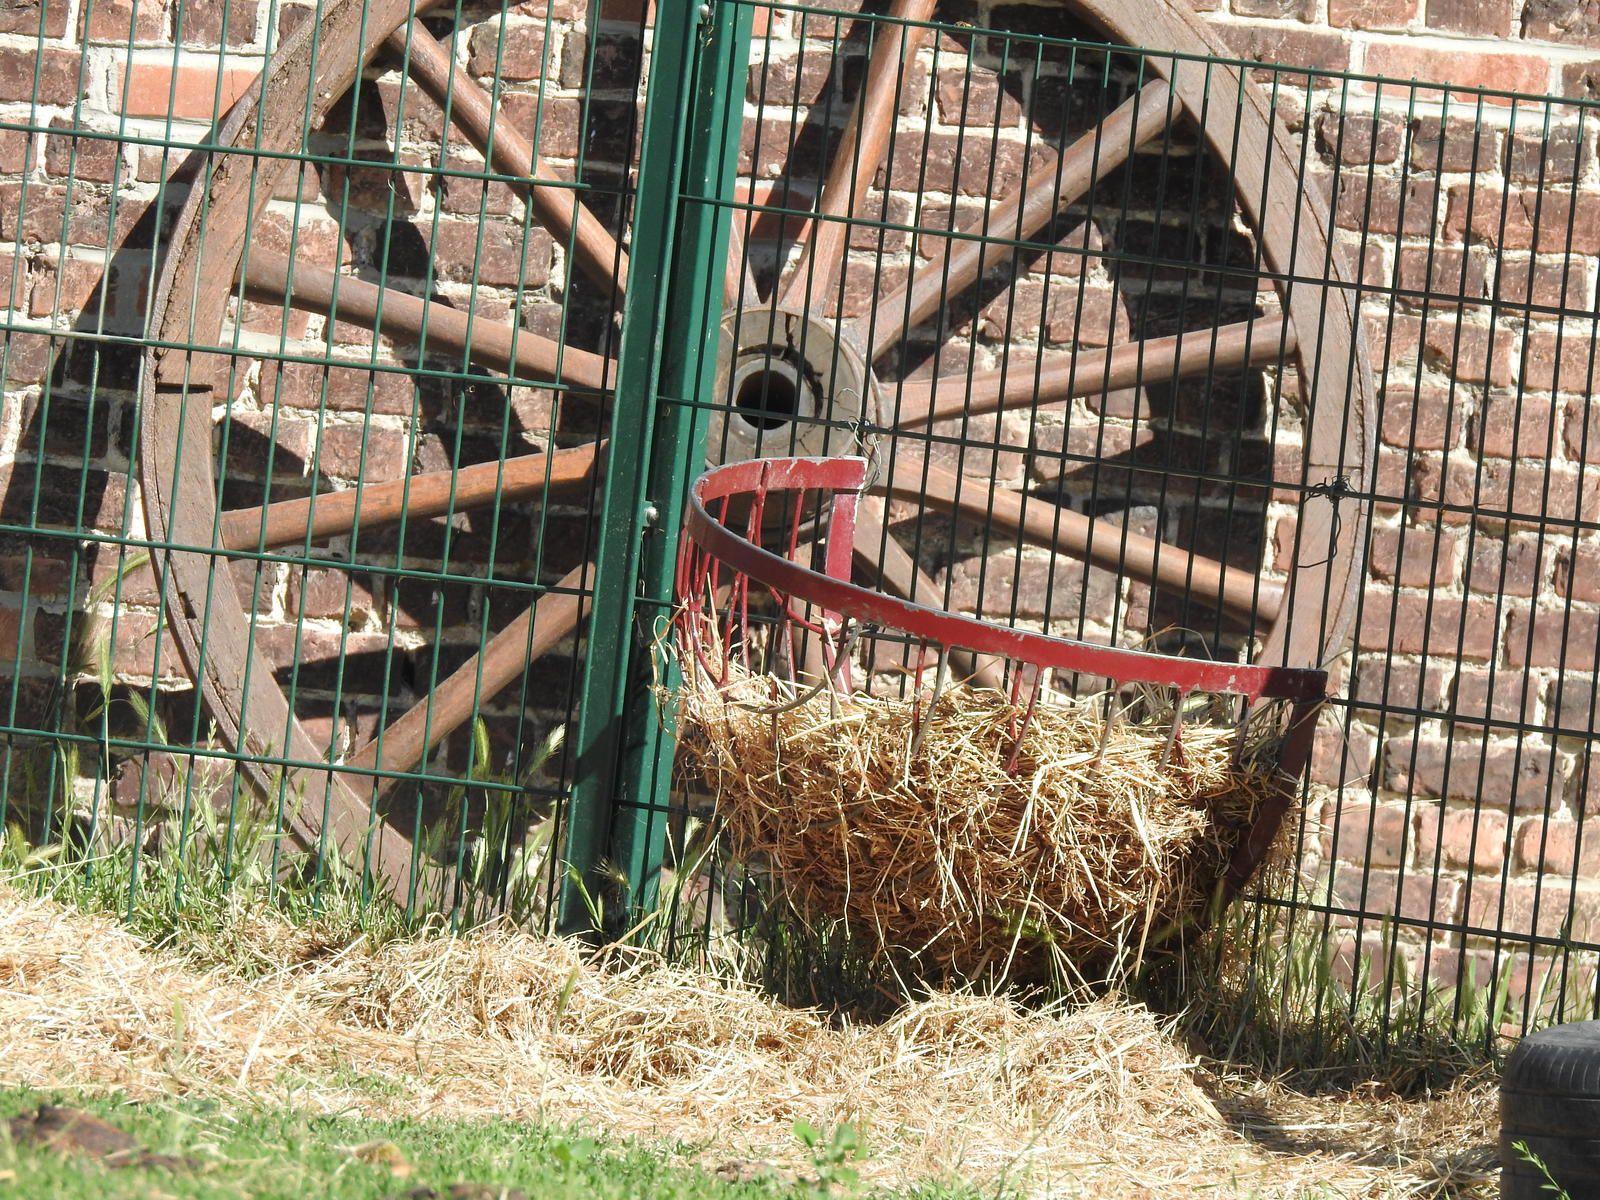 20-06-20- FLANERIES AU PARC DU LION A WATTRELOS - QUARTIER DE LA FERME